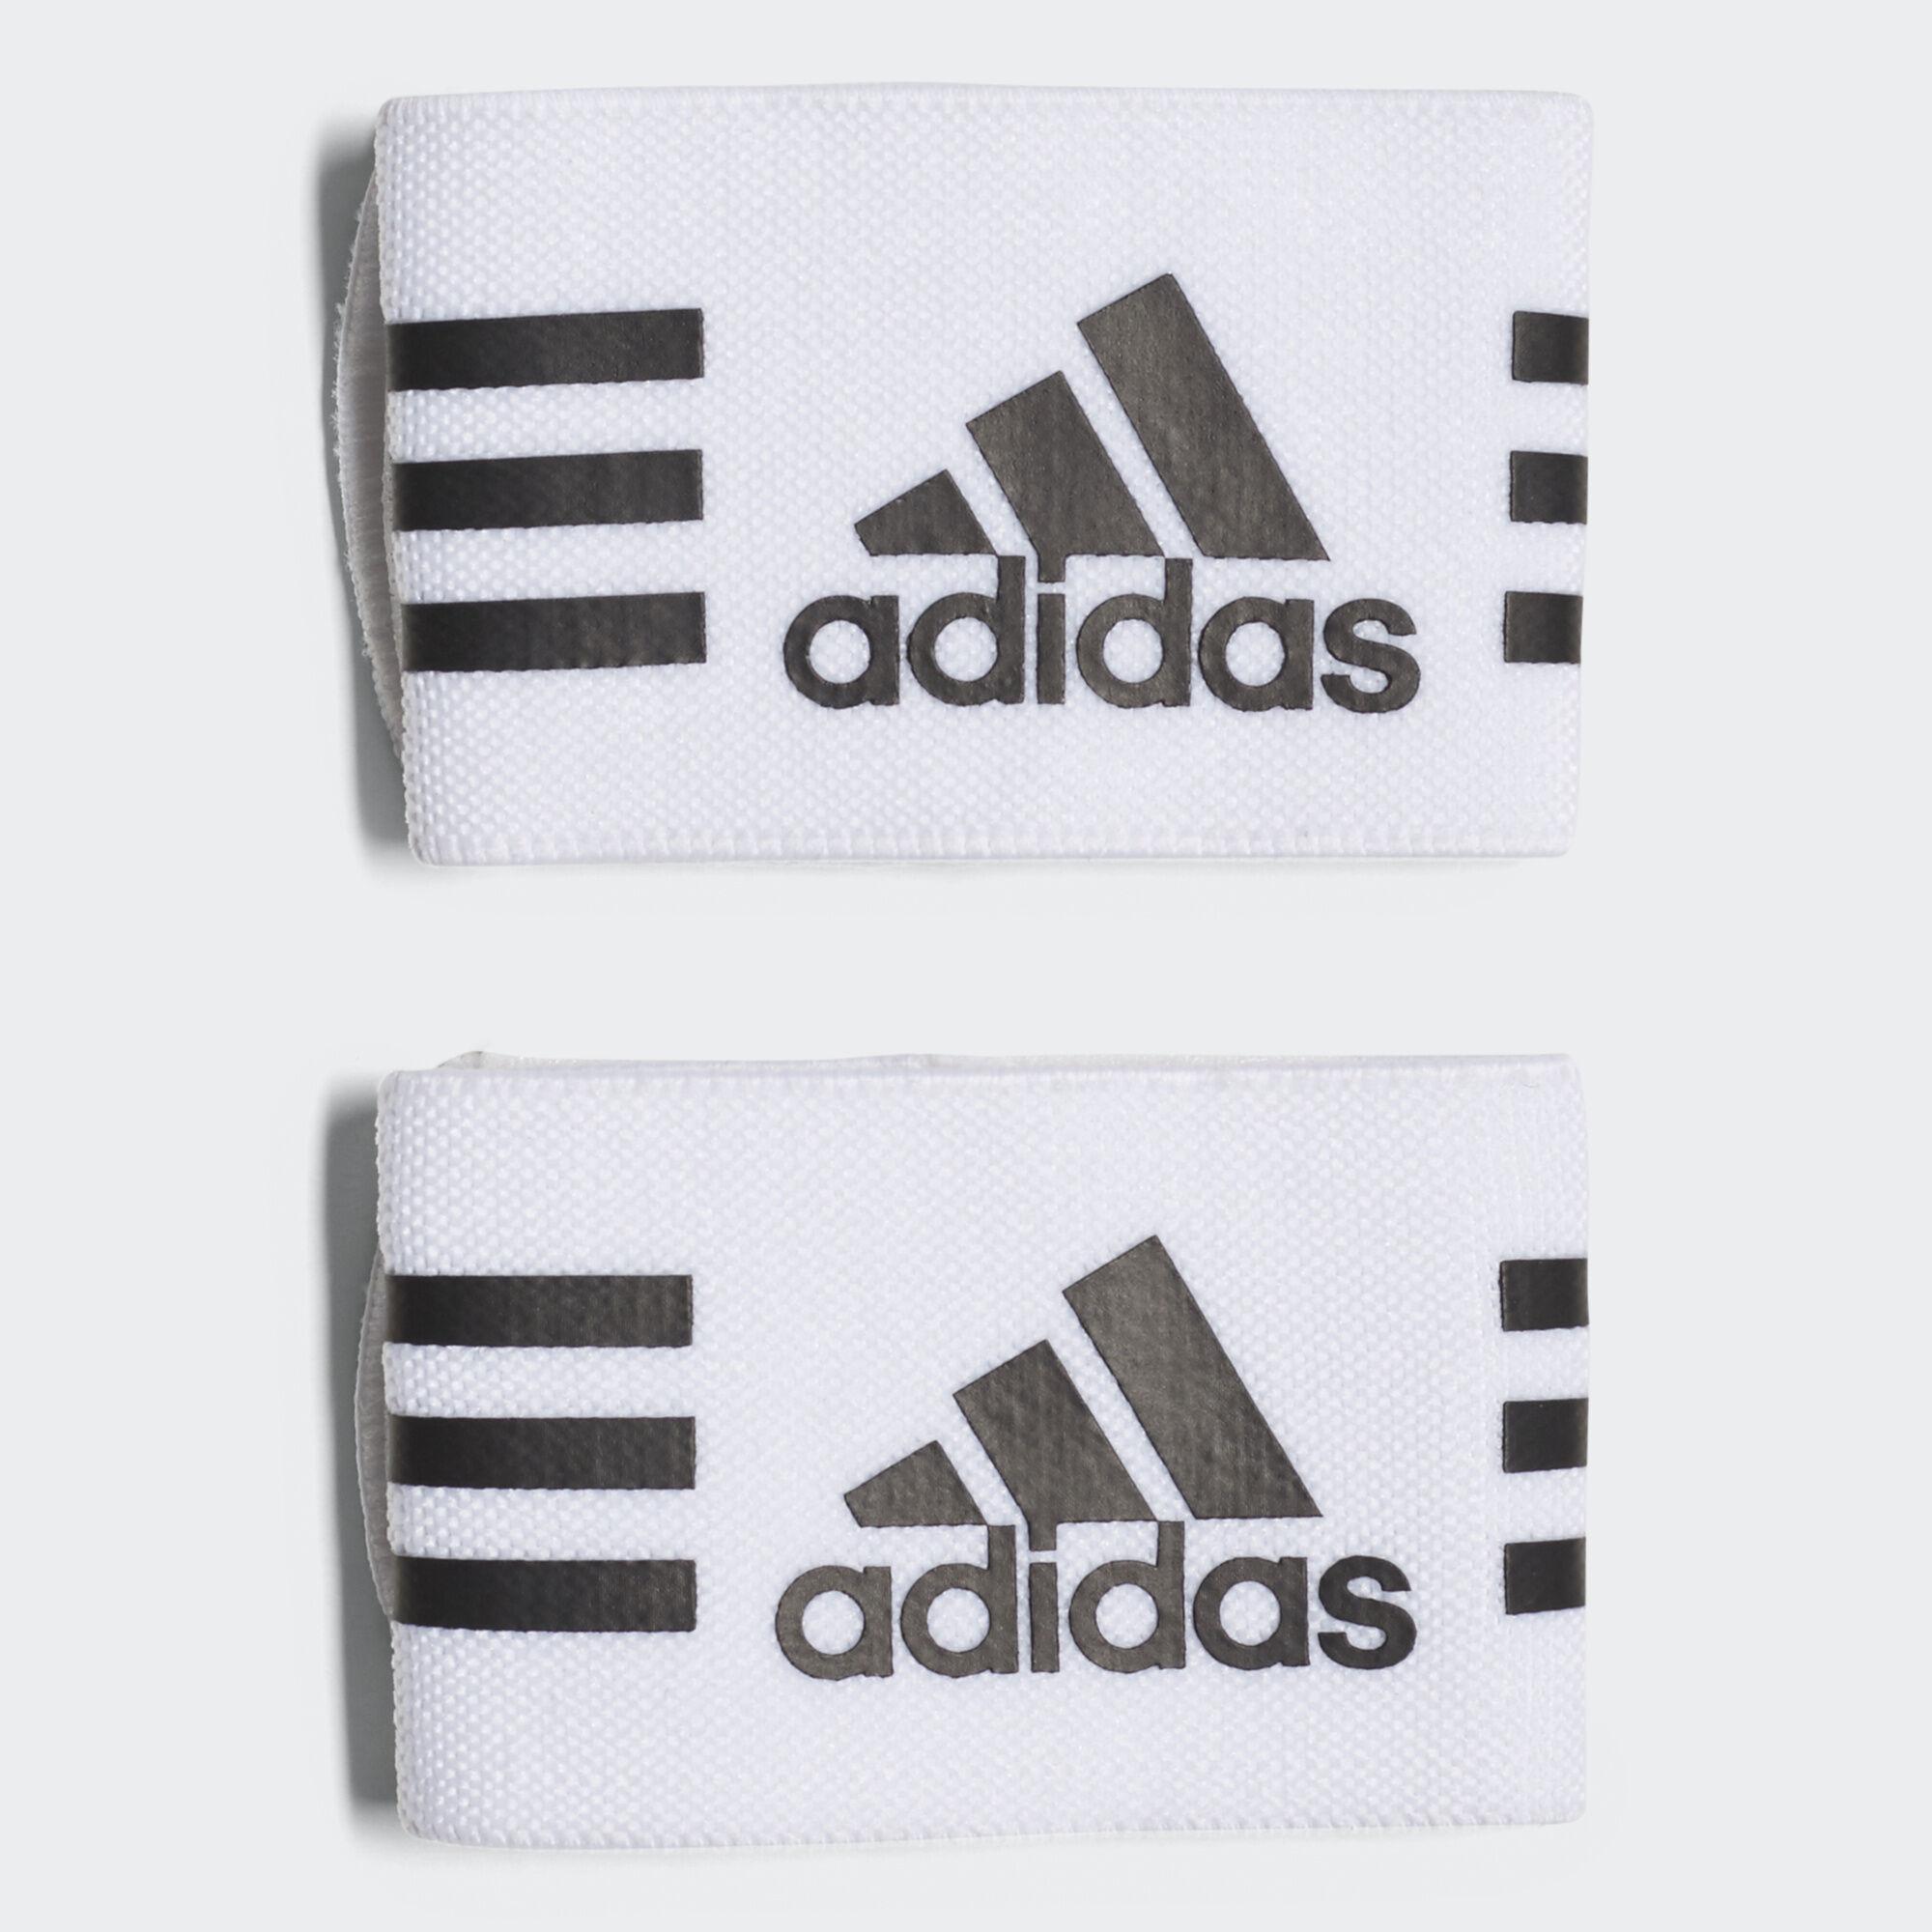 Fasce per parastinchi bianco adidas adidas italia for Adidas che cambiano colore